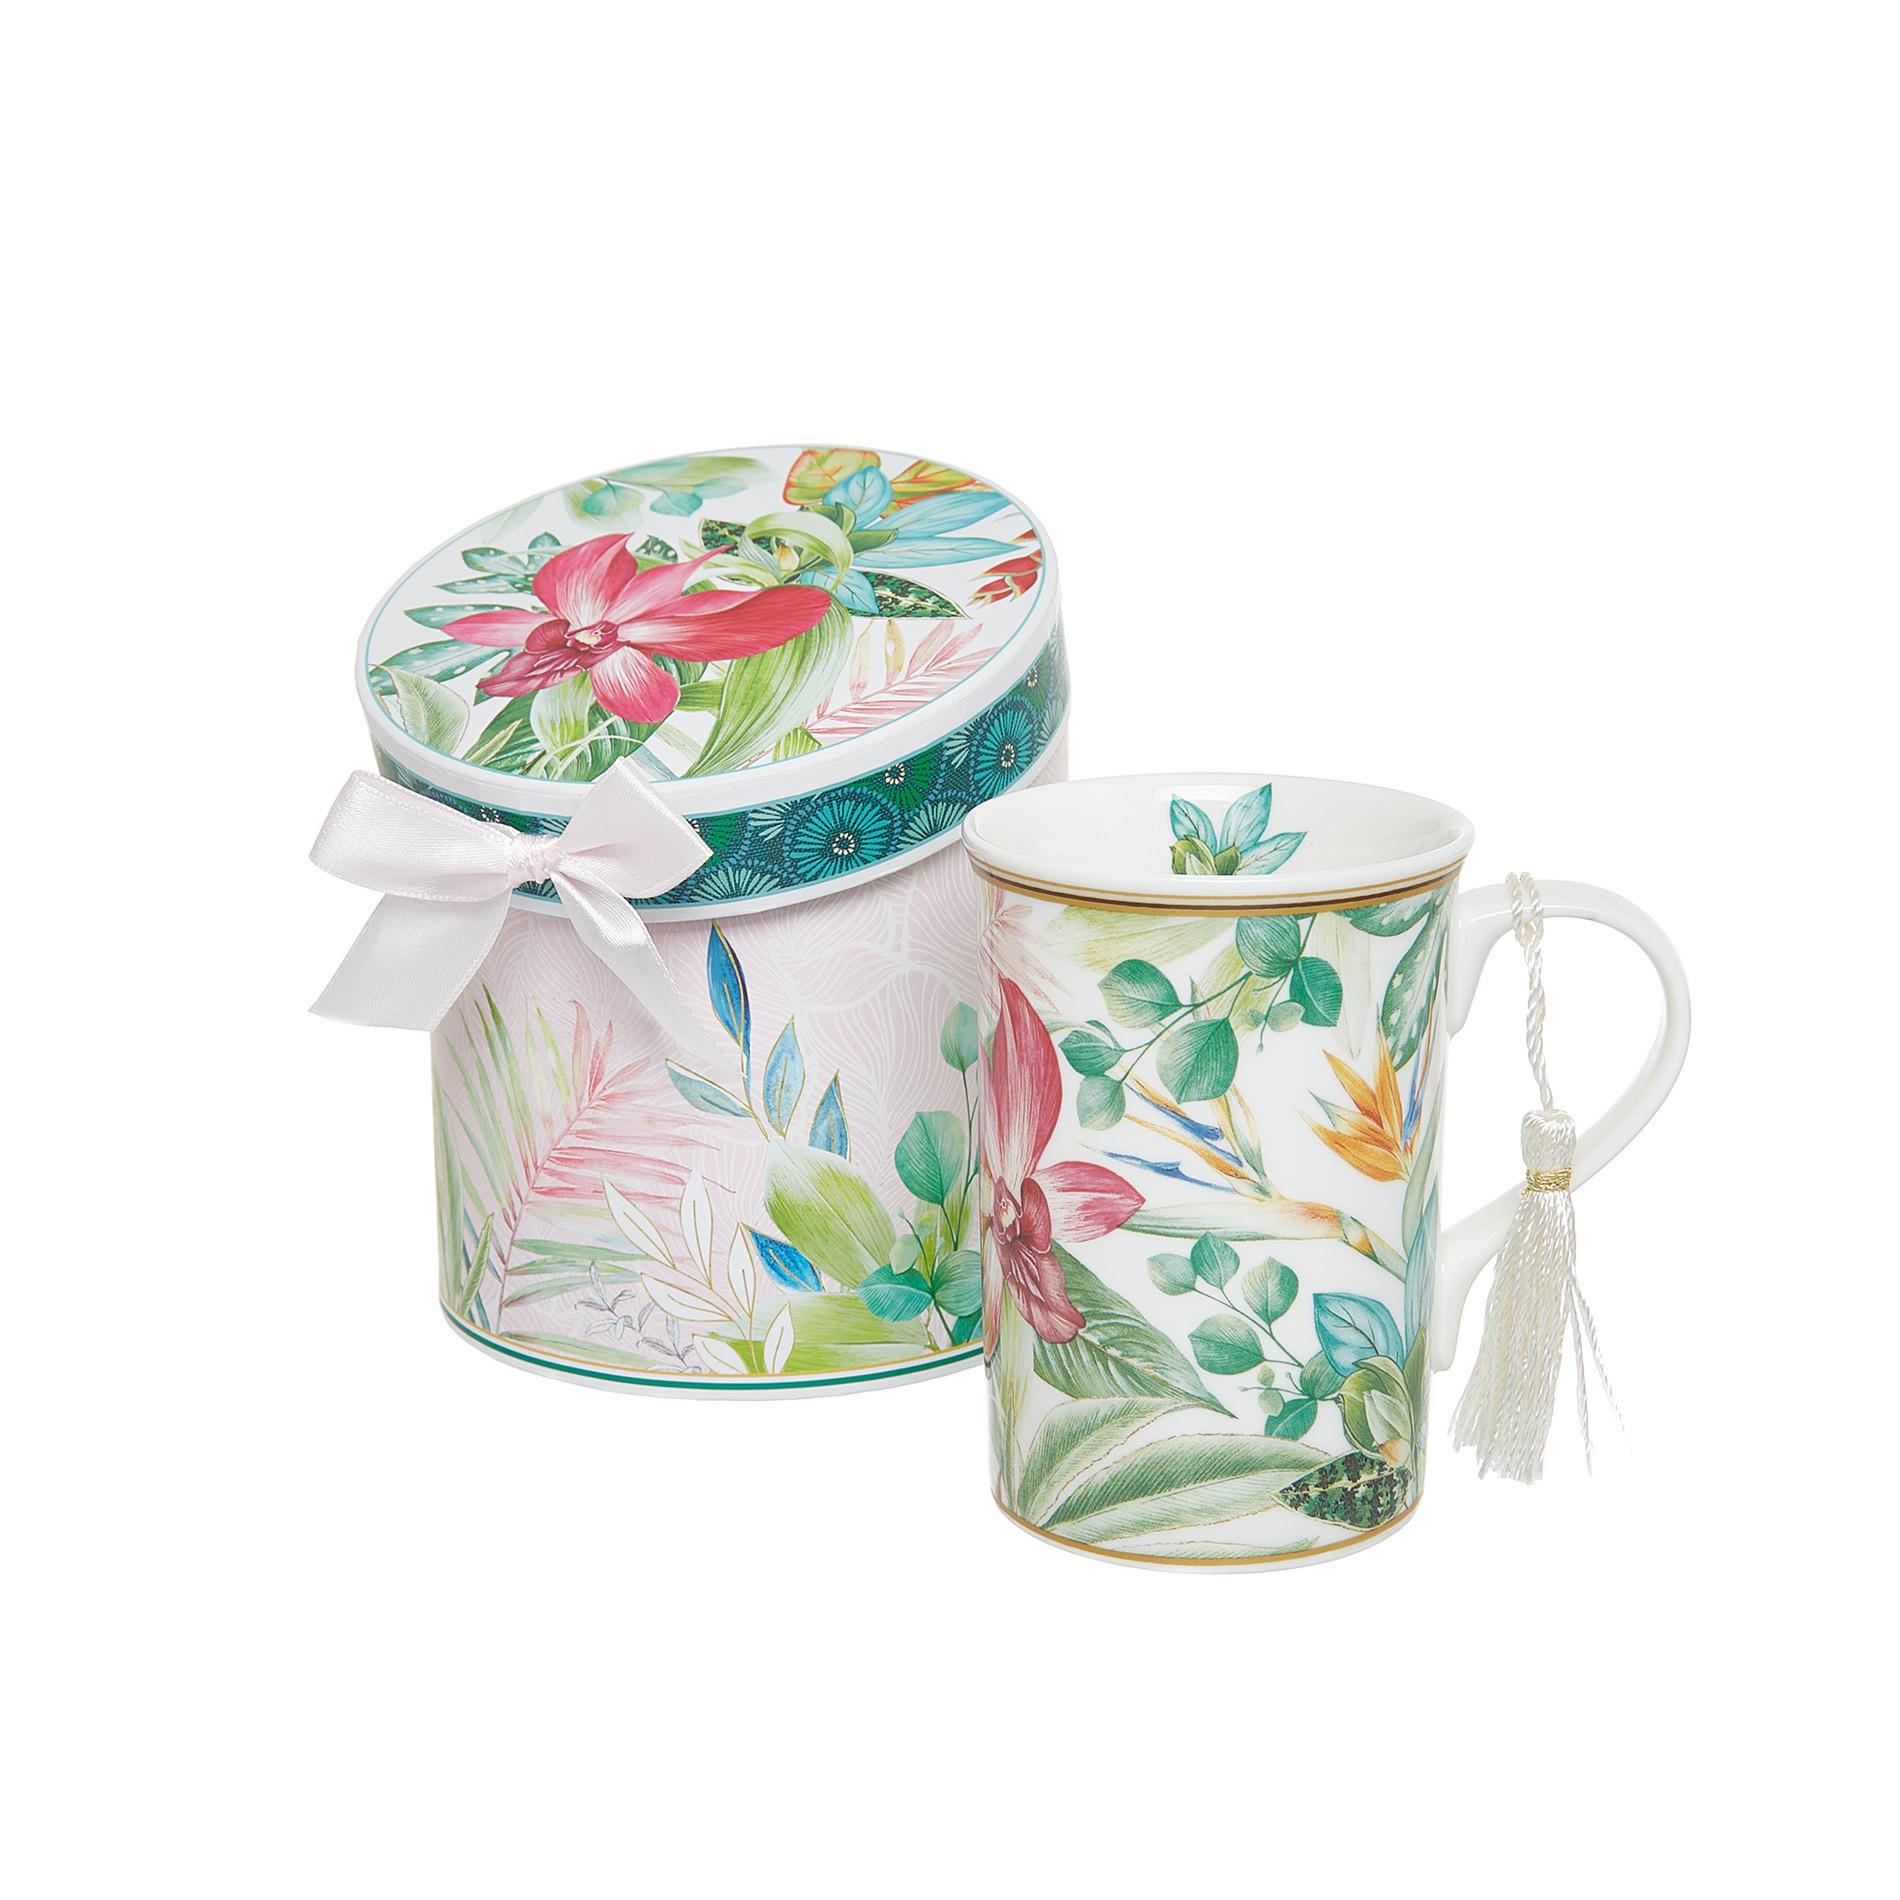 Mug new bone china decoro amazzonia, Multicolor, large image number 0